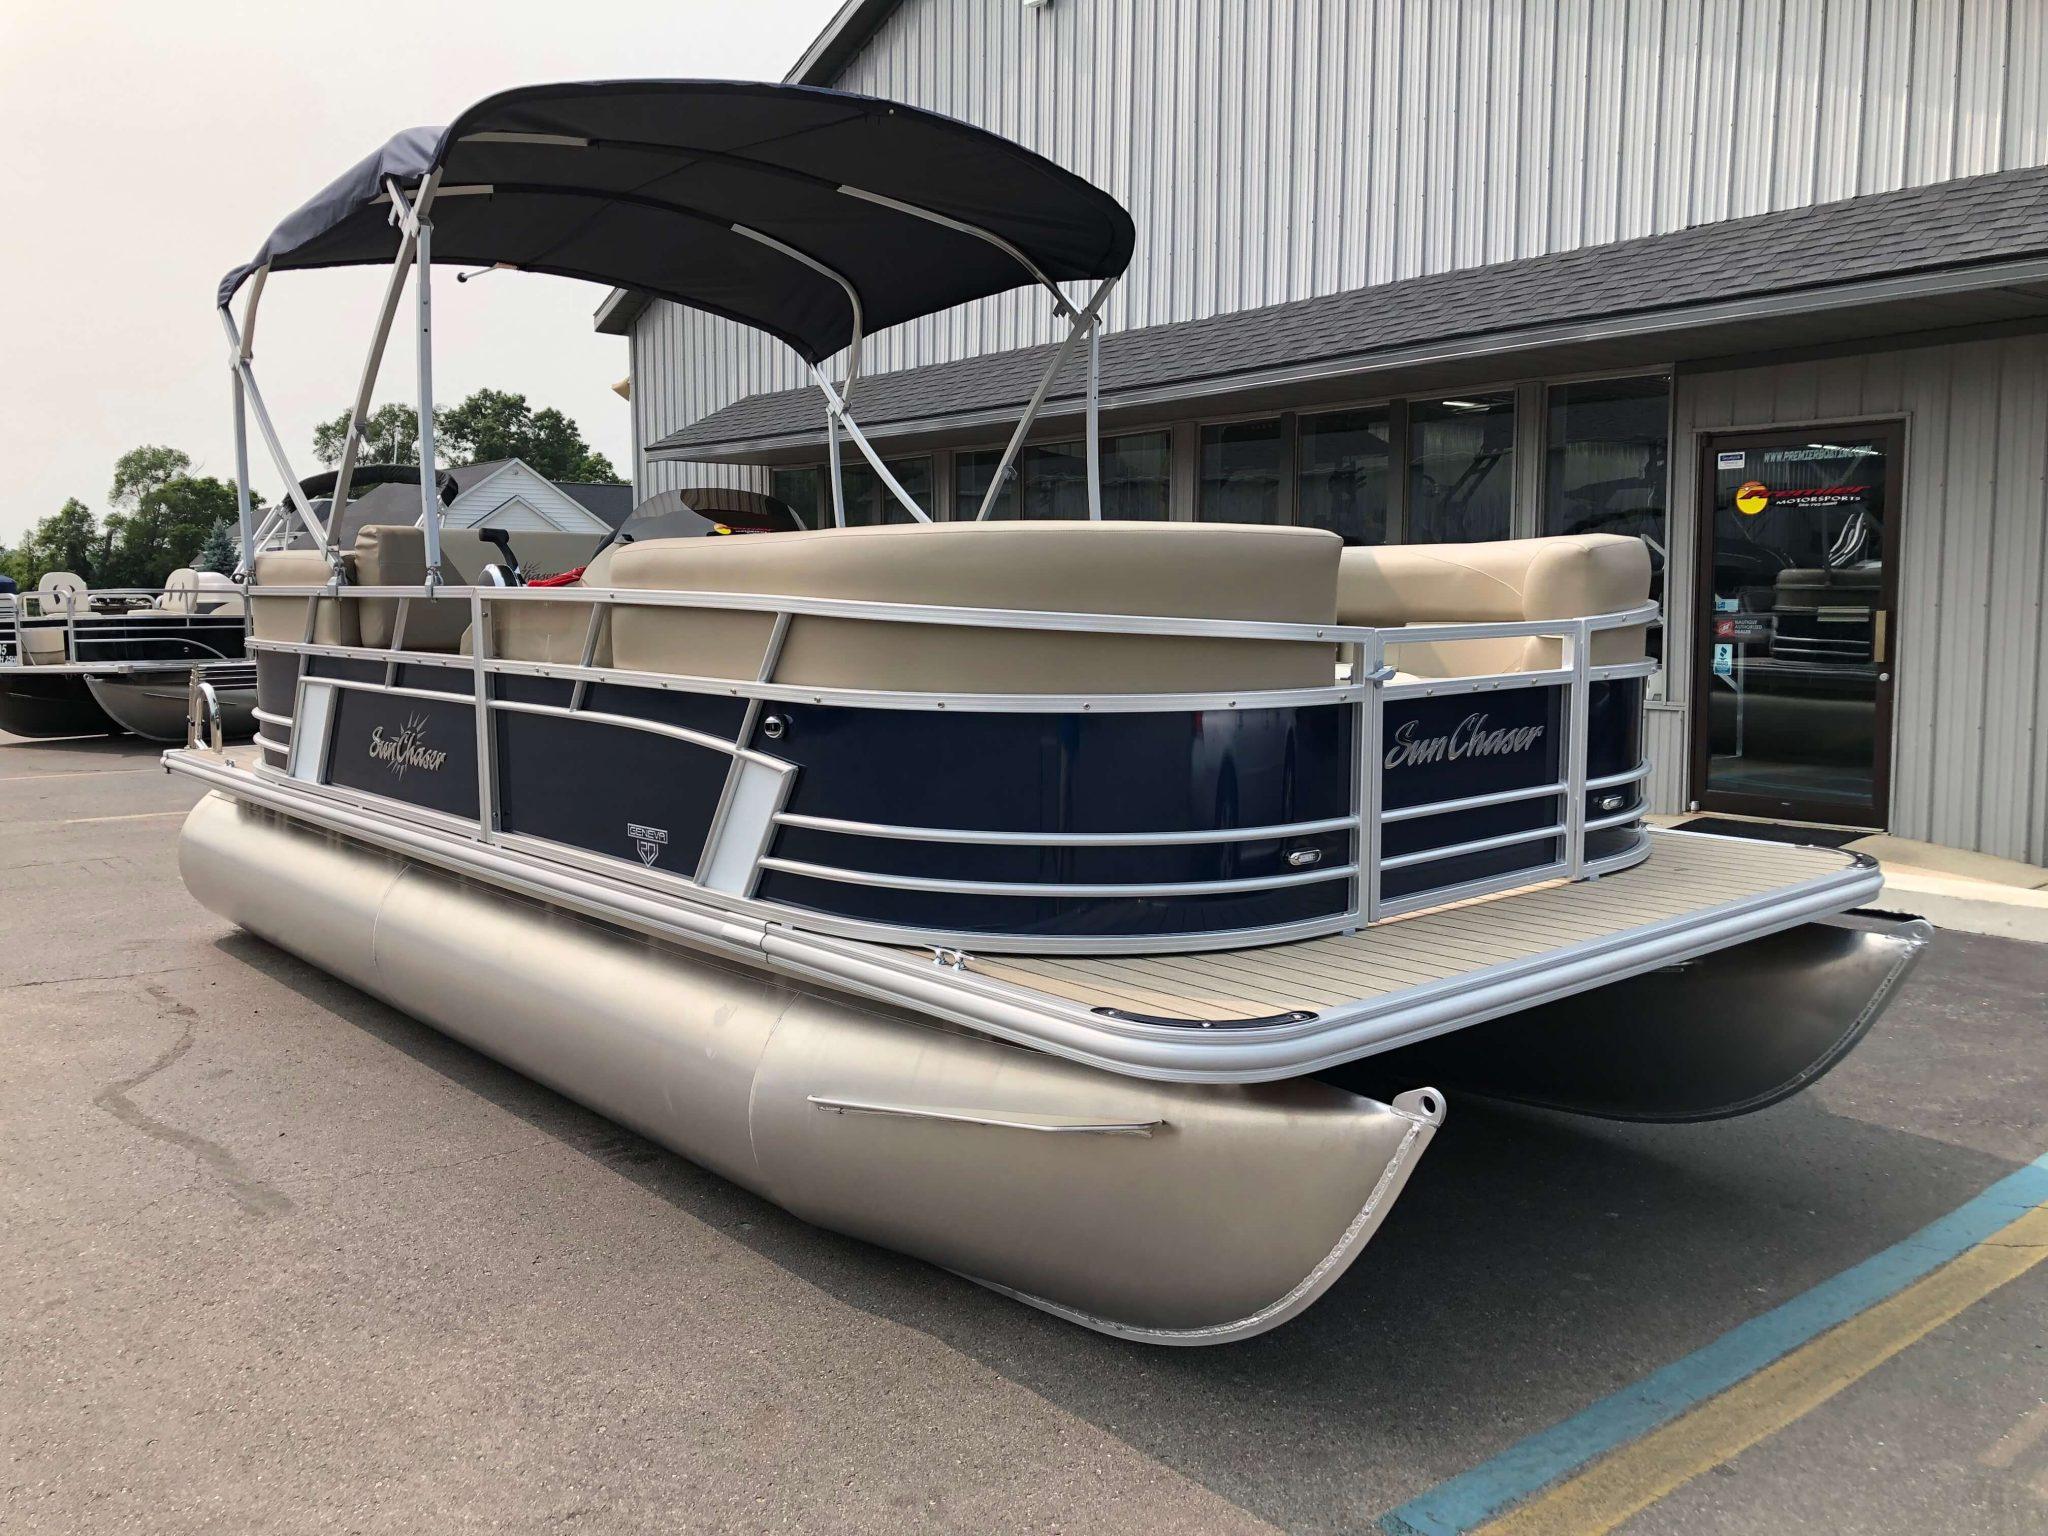 2019 Sunchaser Geneva 20 LR SB Blue White Exterior 3